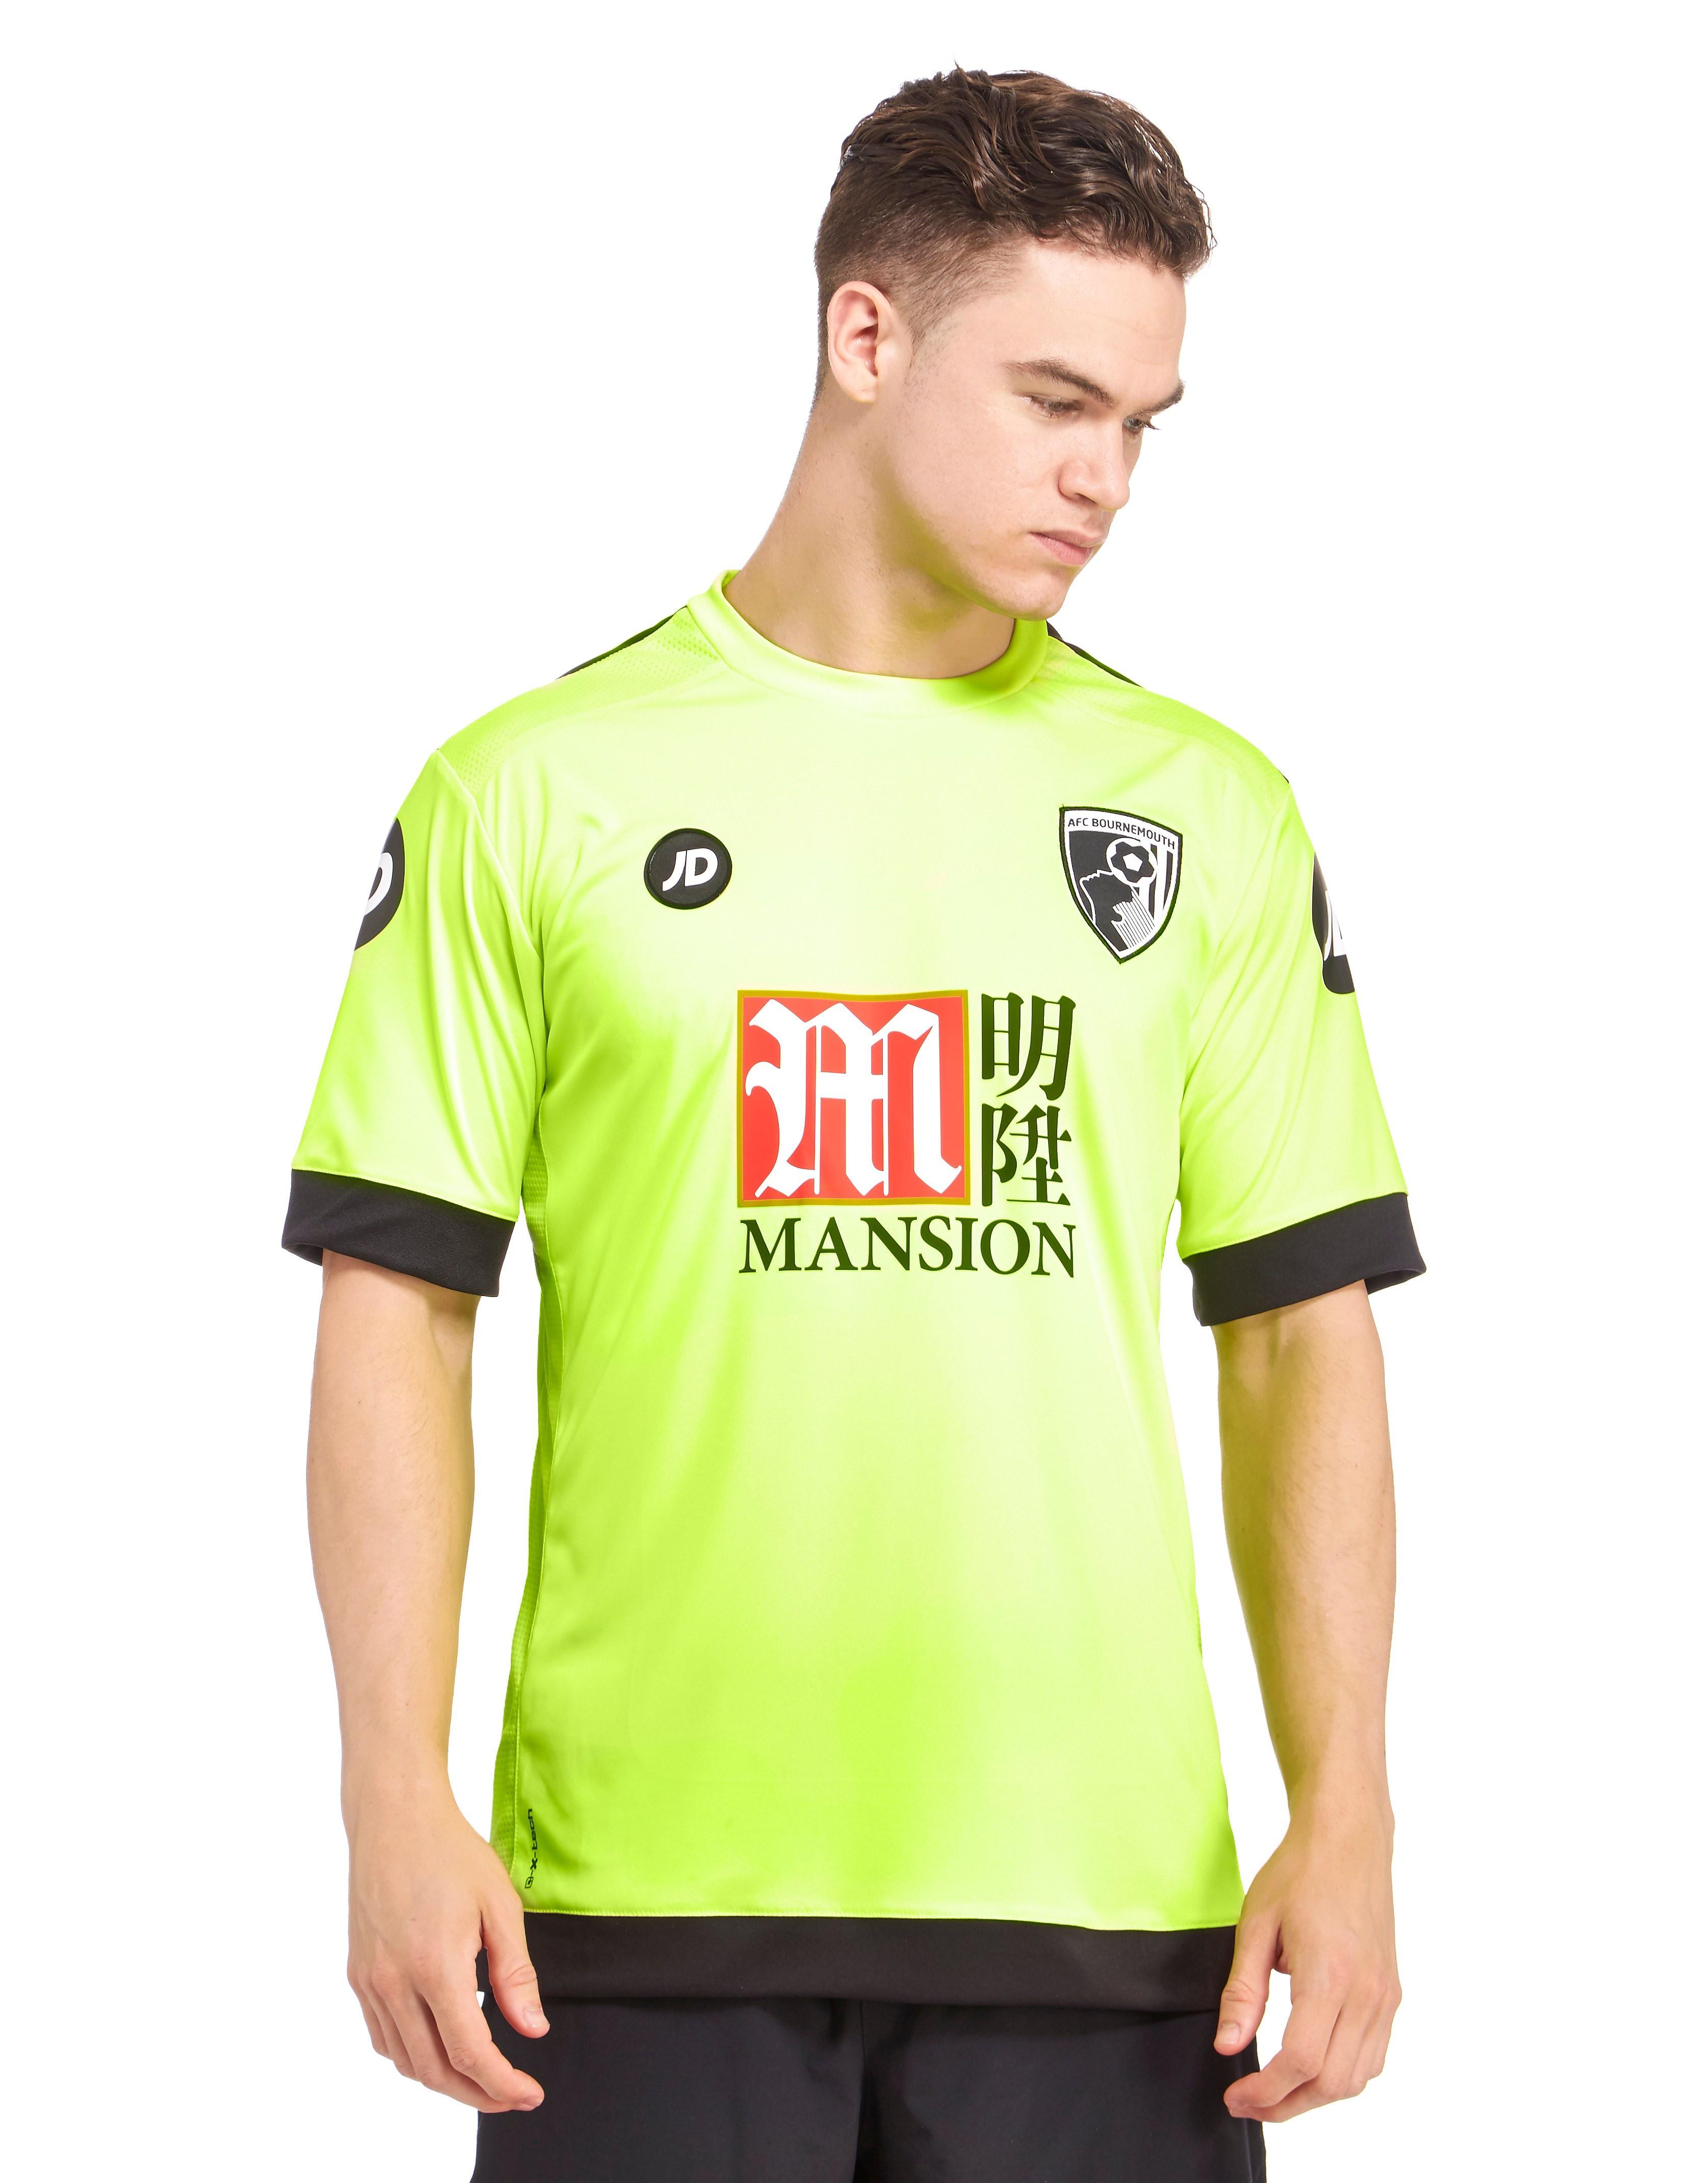 JD AFC Bournemouth 2016/17 Third Shirt